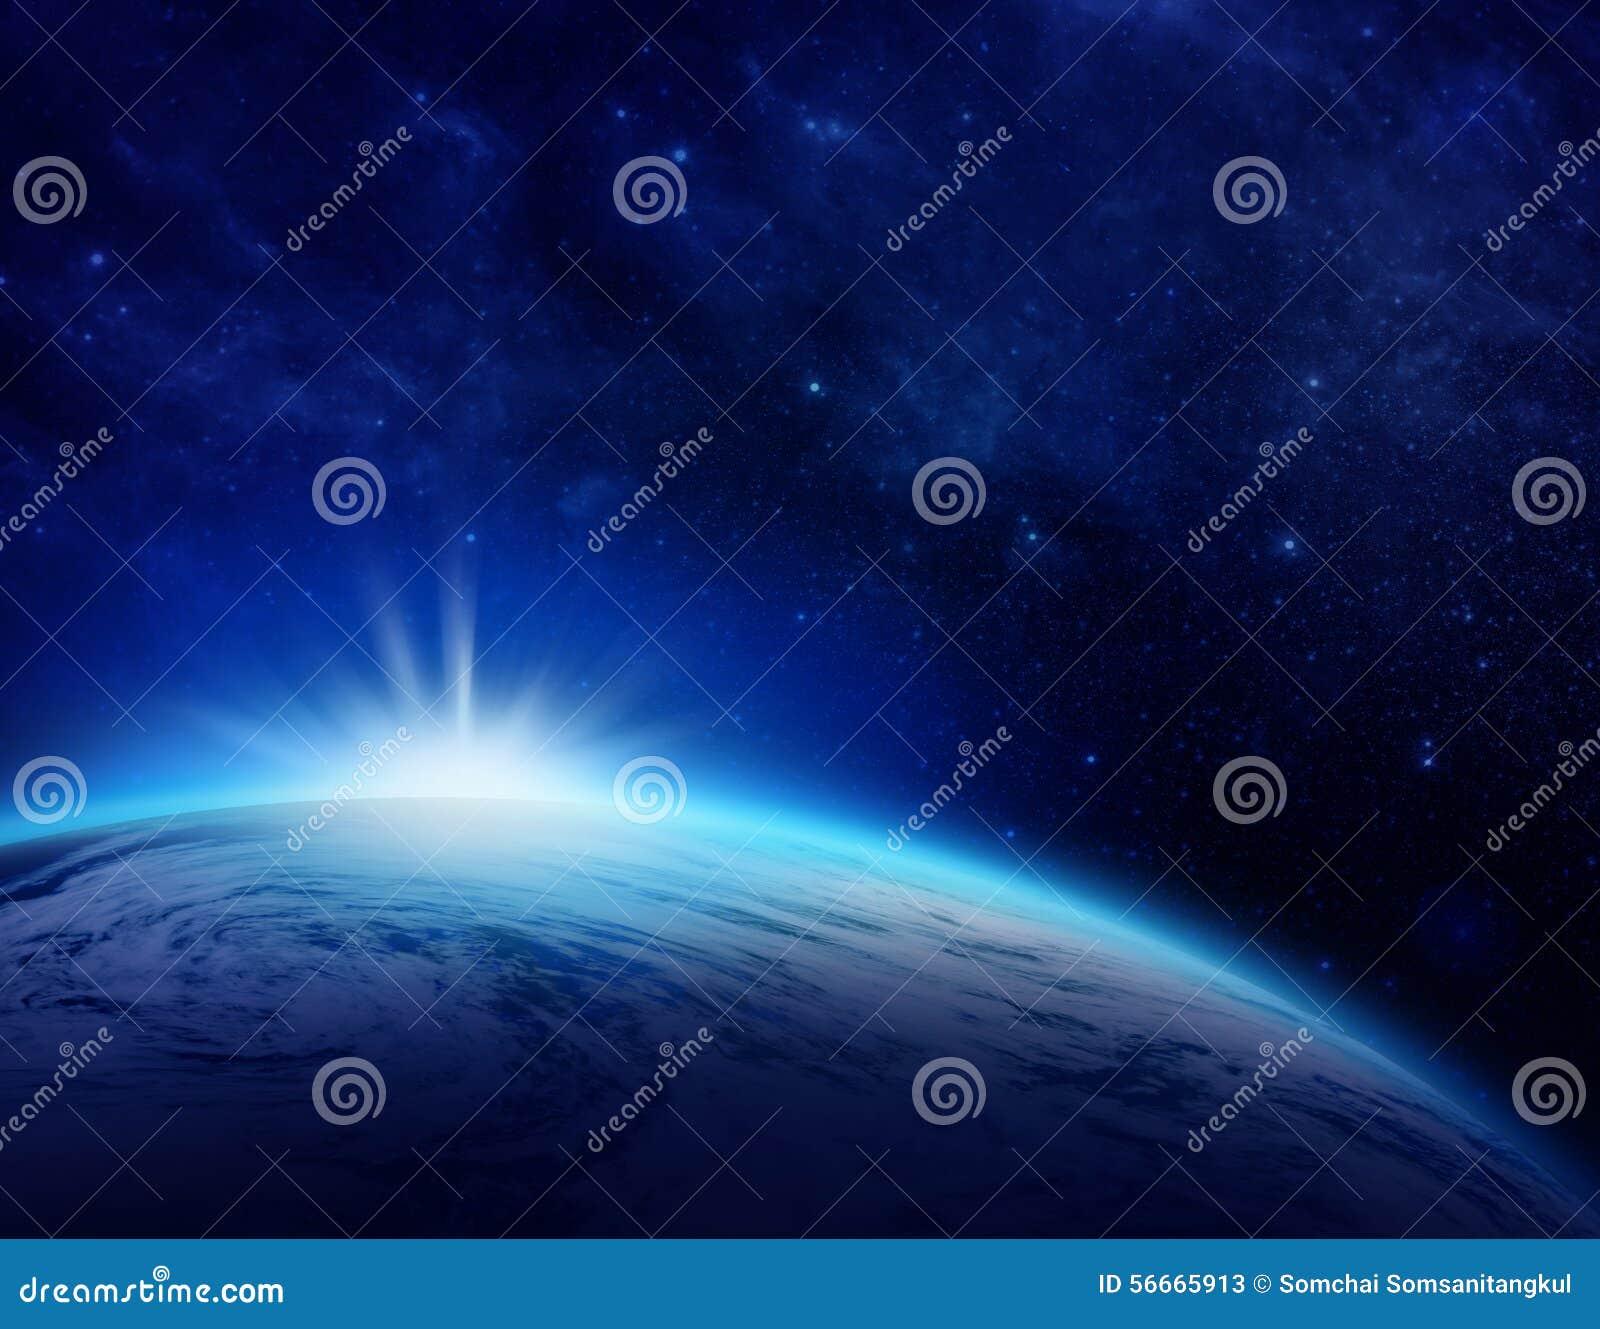 Blauwe Aarde, zonsopgang over bewolkte oceaan van wereld in ruimte